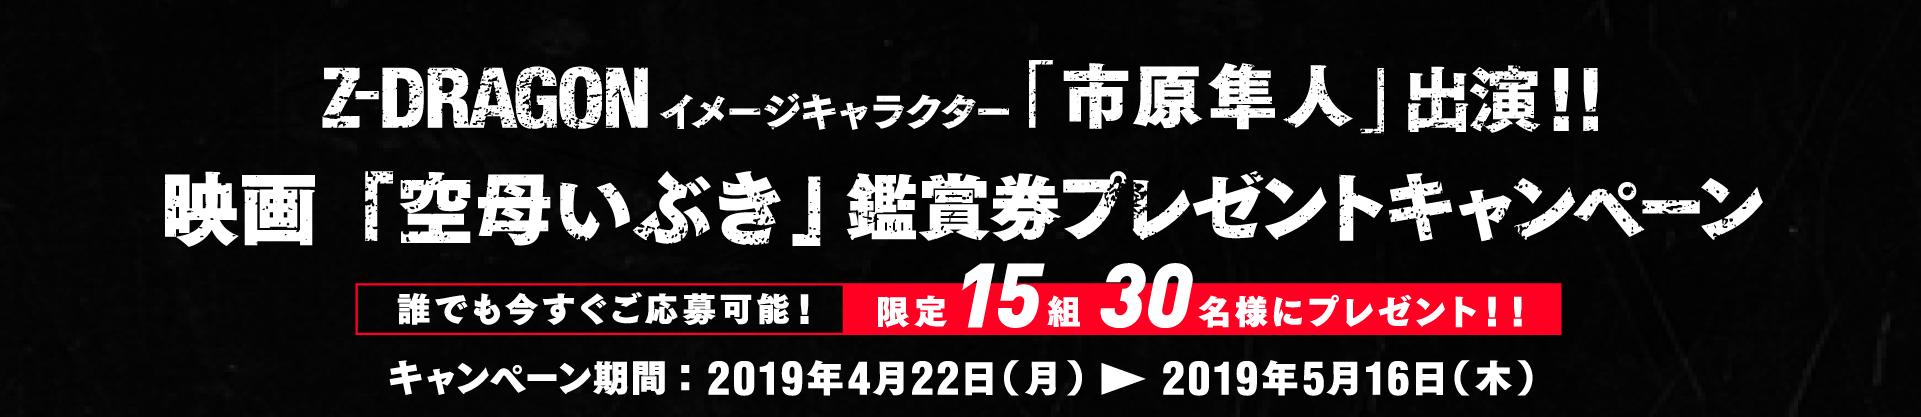 Z-DRAGONイメージキャラクター市原隼人出演!映画『いぶき』鑑賞券プレゼントキャンペーン!